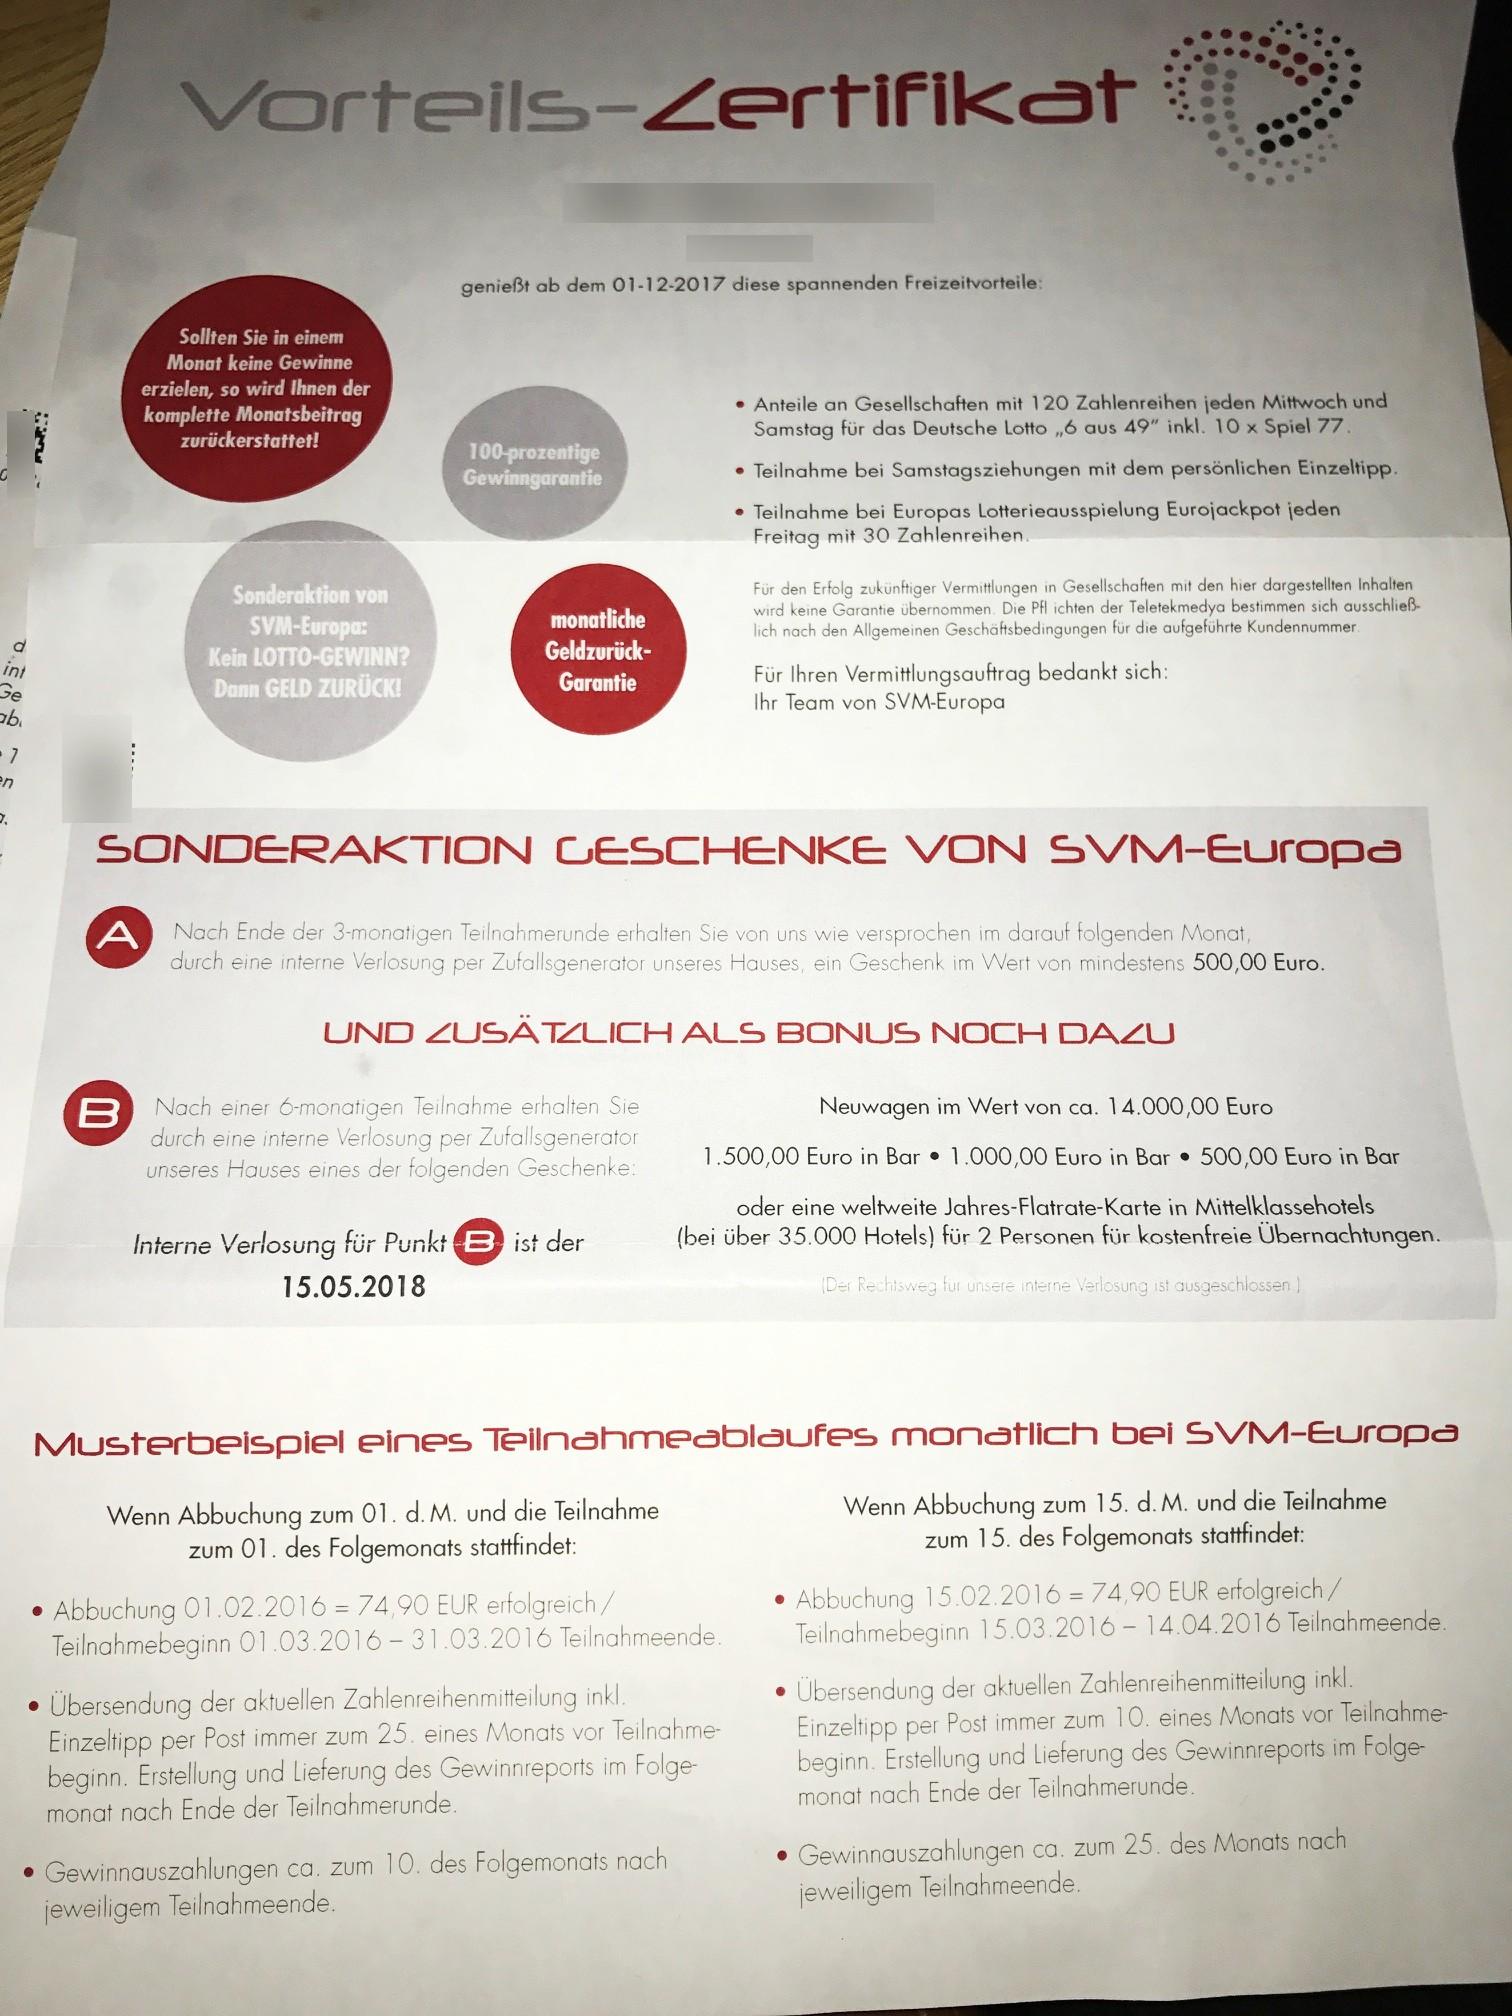 SVM-Europa Lotto Gesellschaft: unsere Erfahrungen   LottoDeals.org